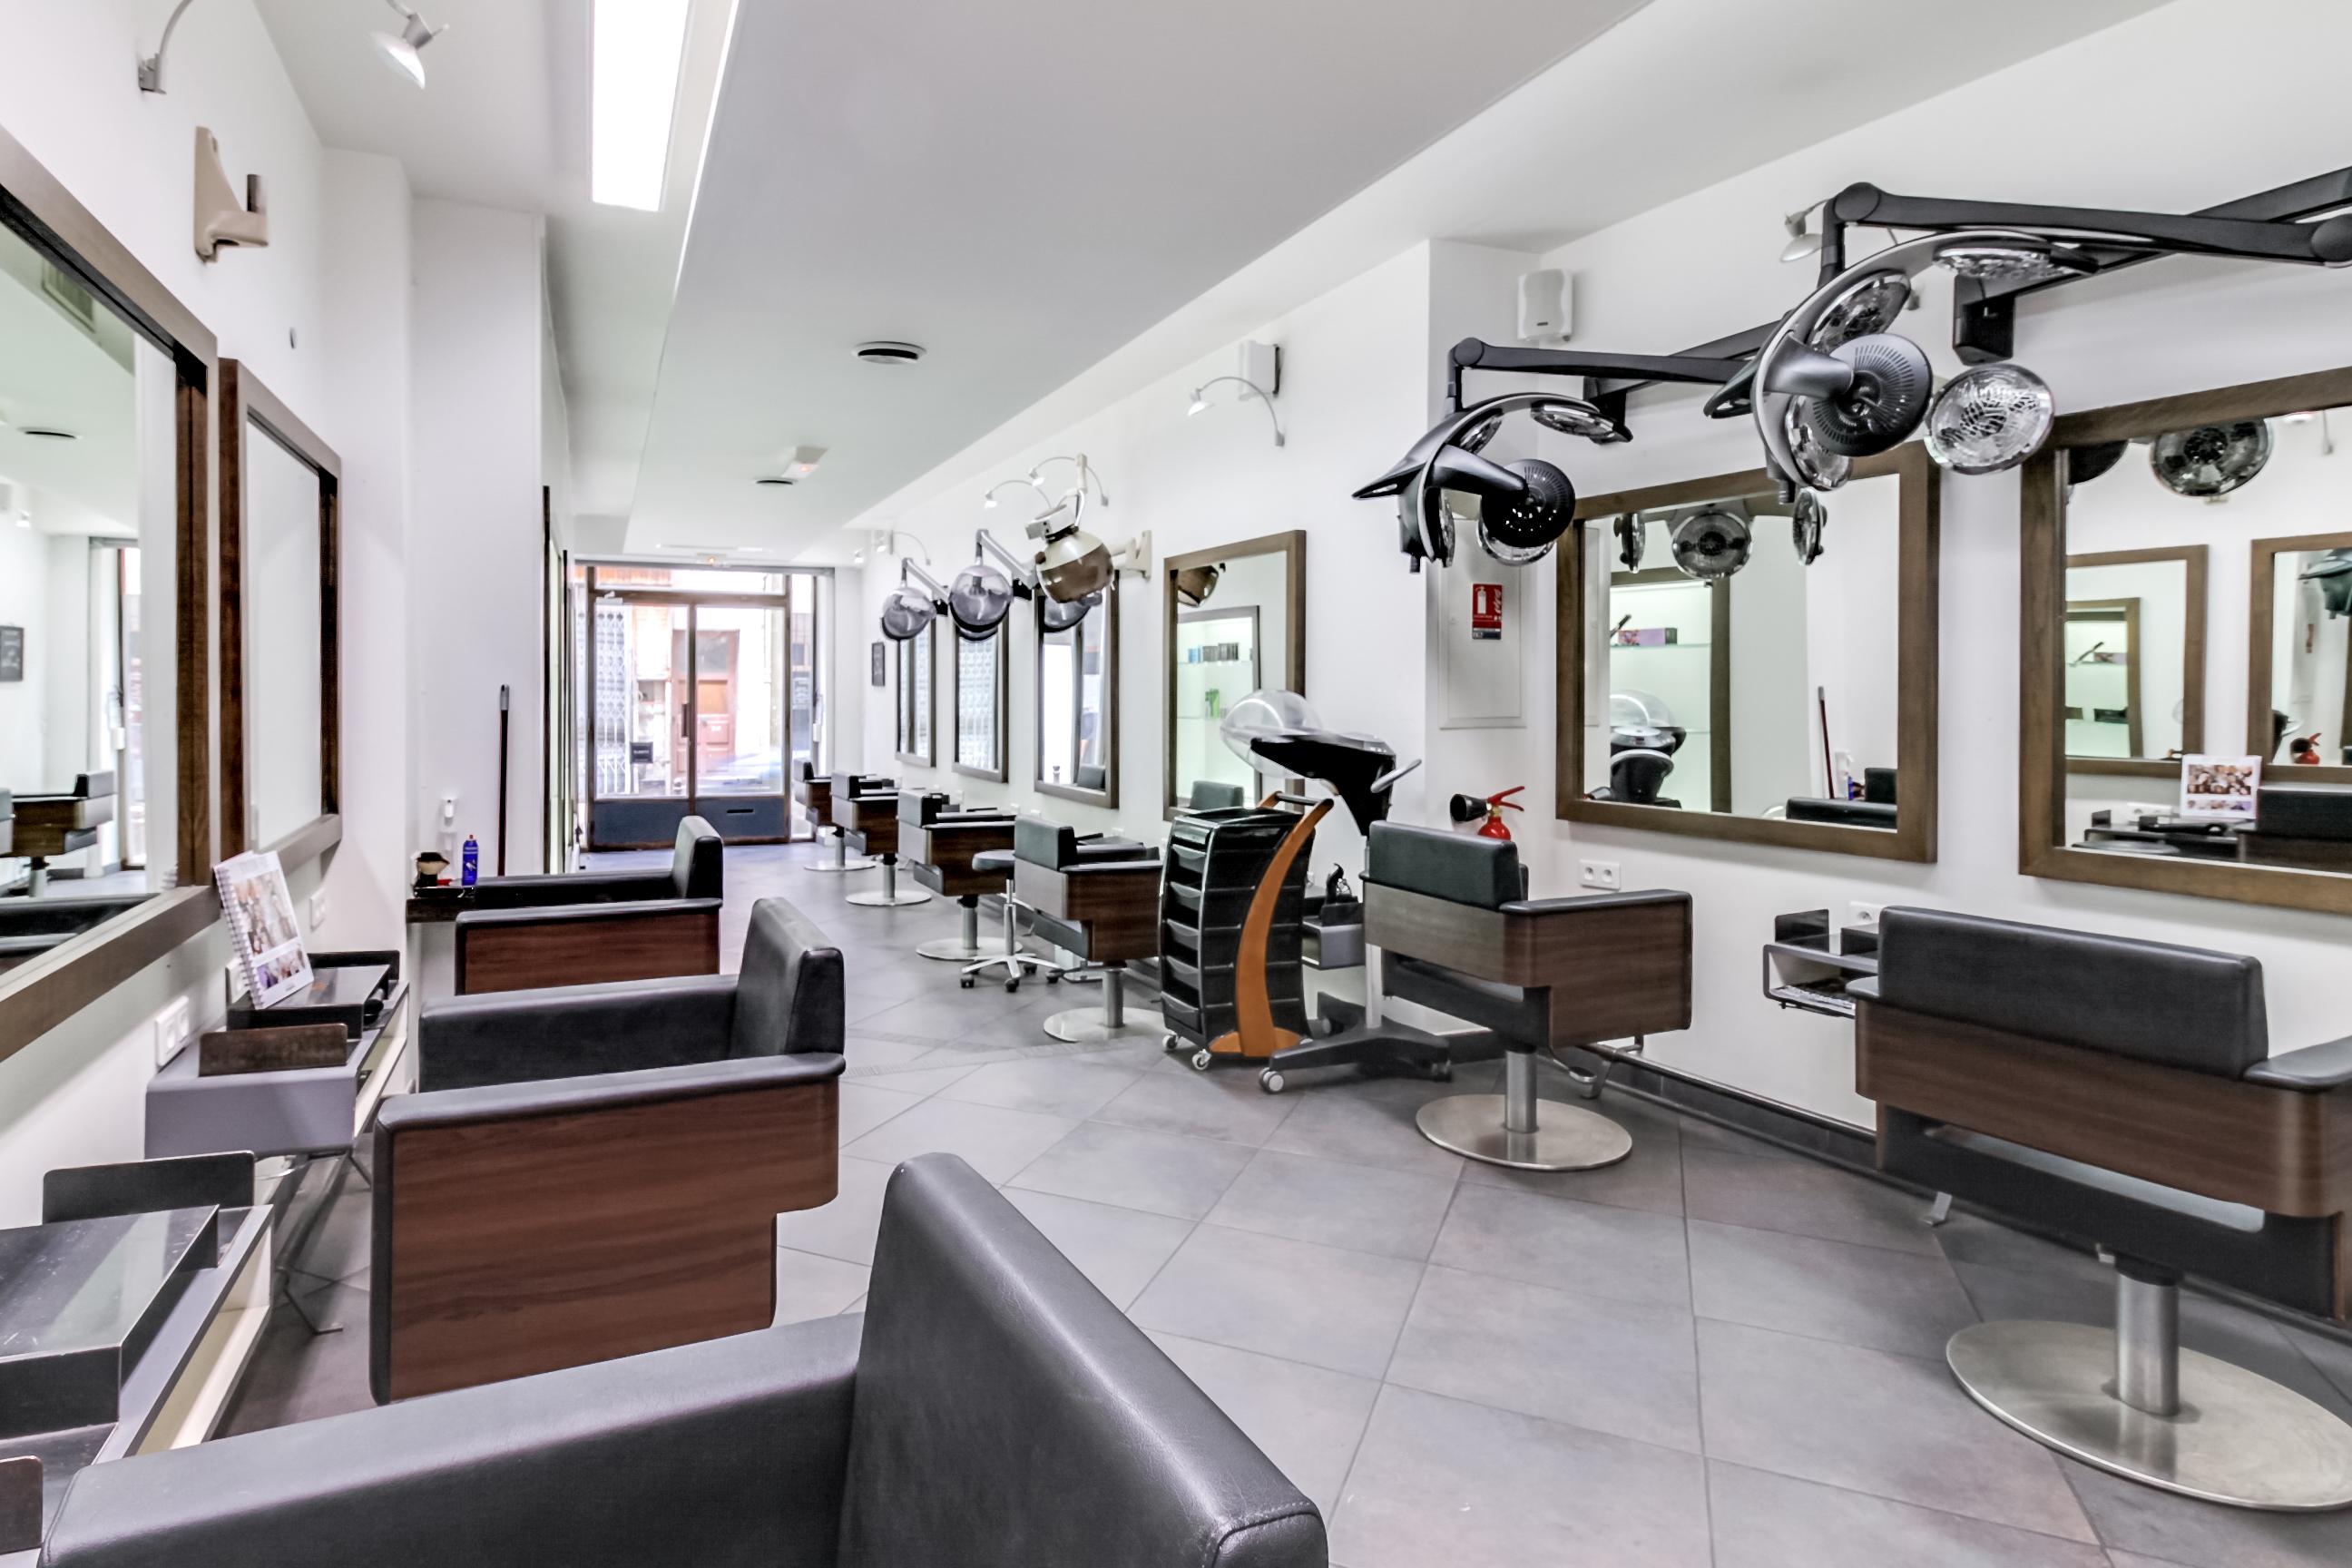 26++ Salon de coiffure carcassonne le dernier